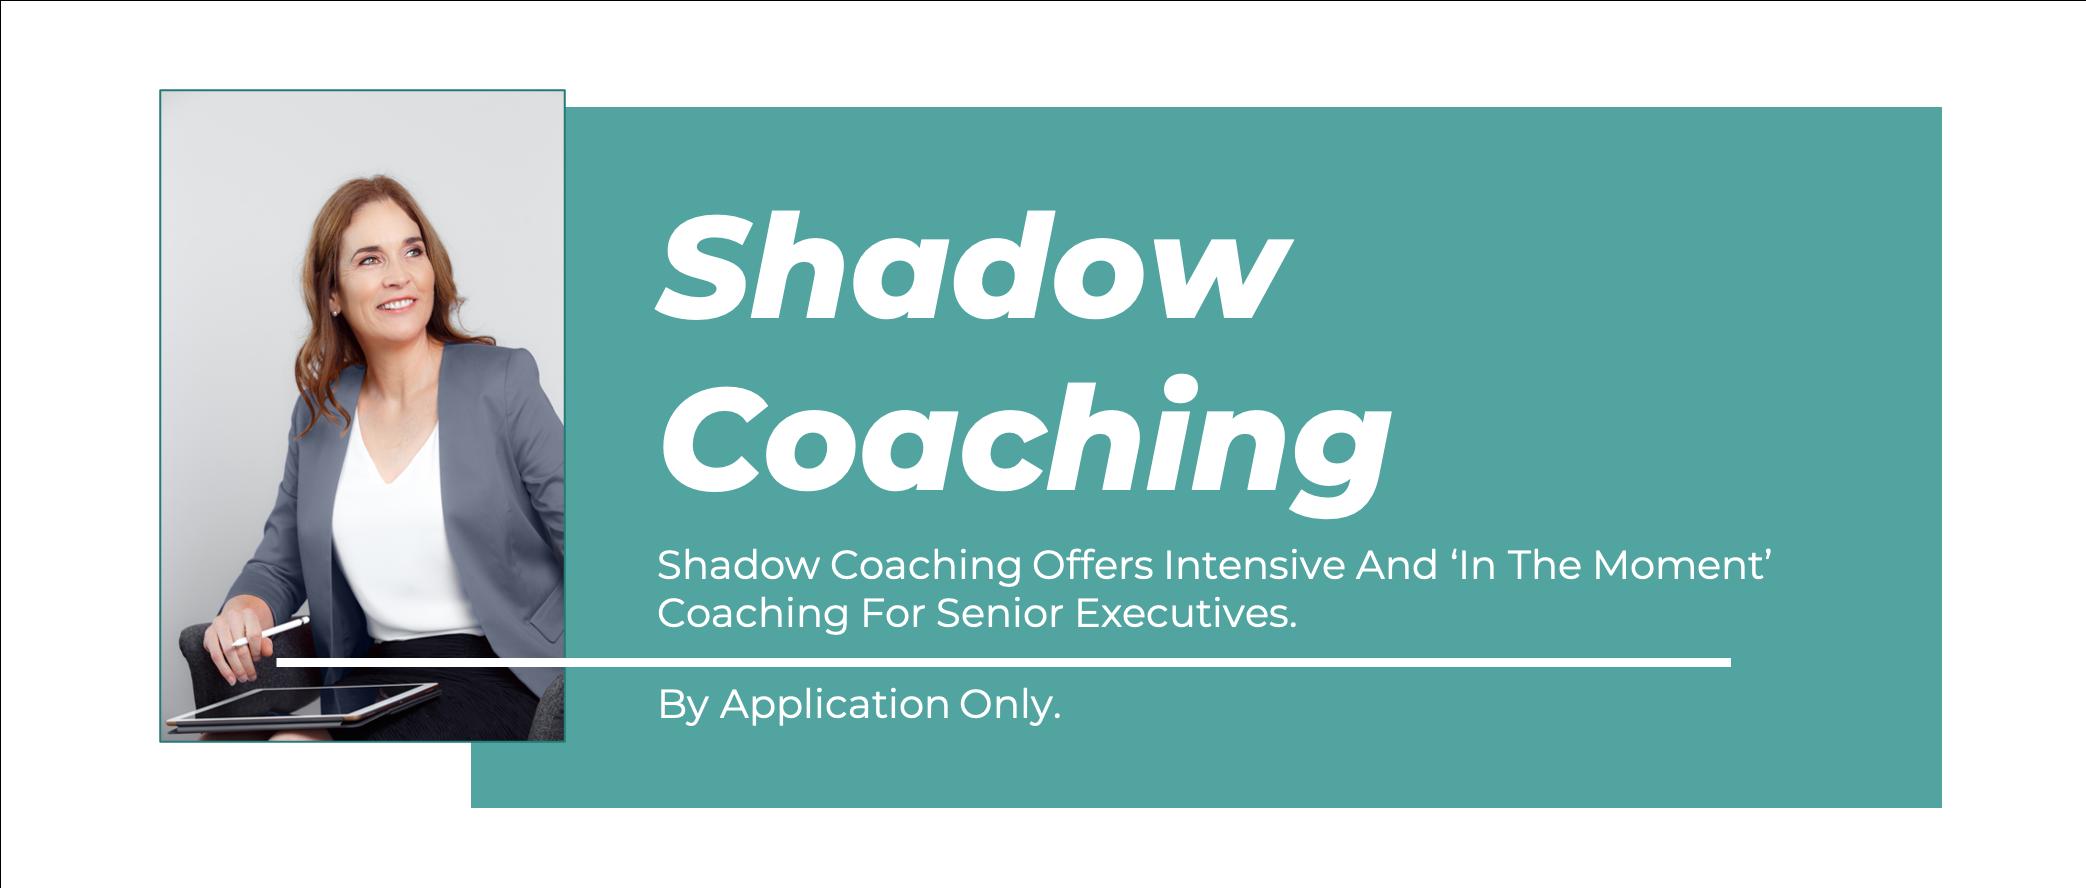 Shadow Coaching